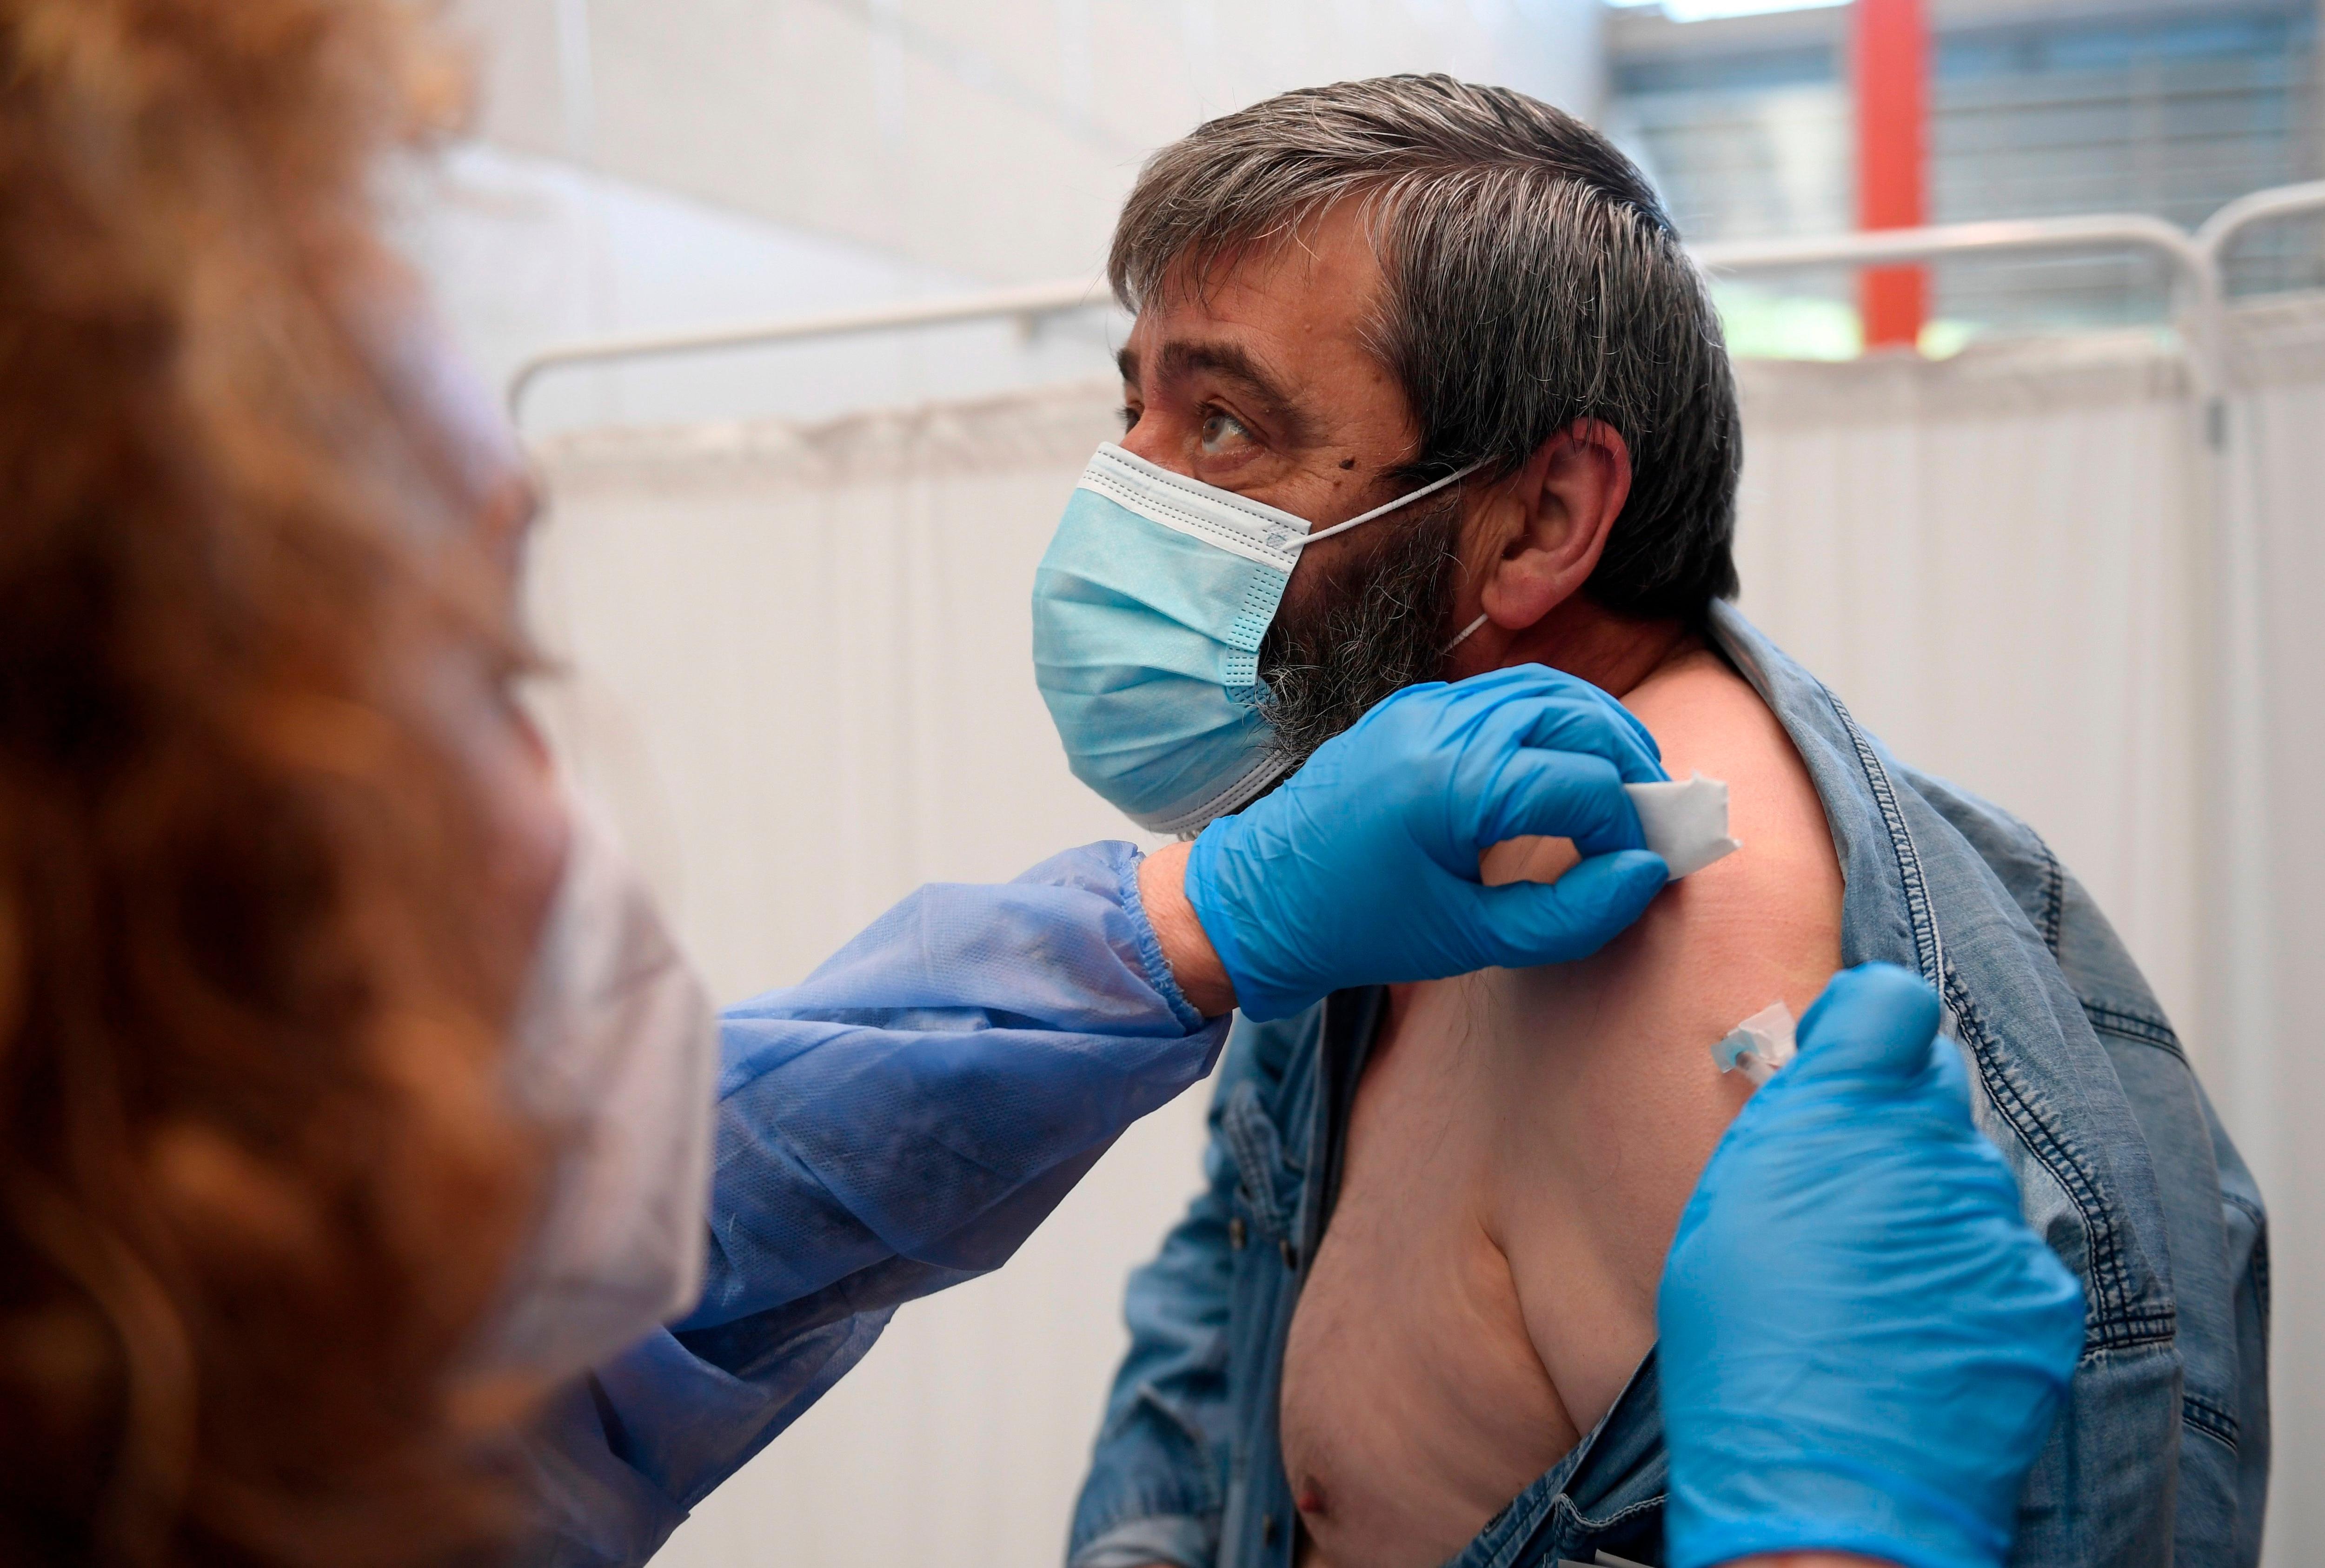 Los investigadores del estudio CombiVac dicen que los resultados preliminares señalan que la combinación de las vacunas de AstraZeneca con la de Pfizer/BioNTech como segunda dosis es segura/ EFE/ELOY ALONSO